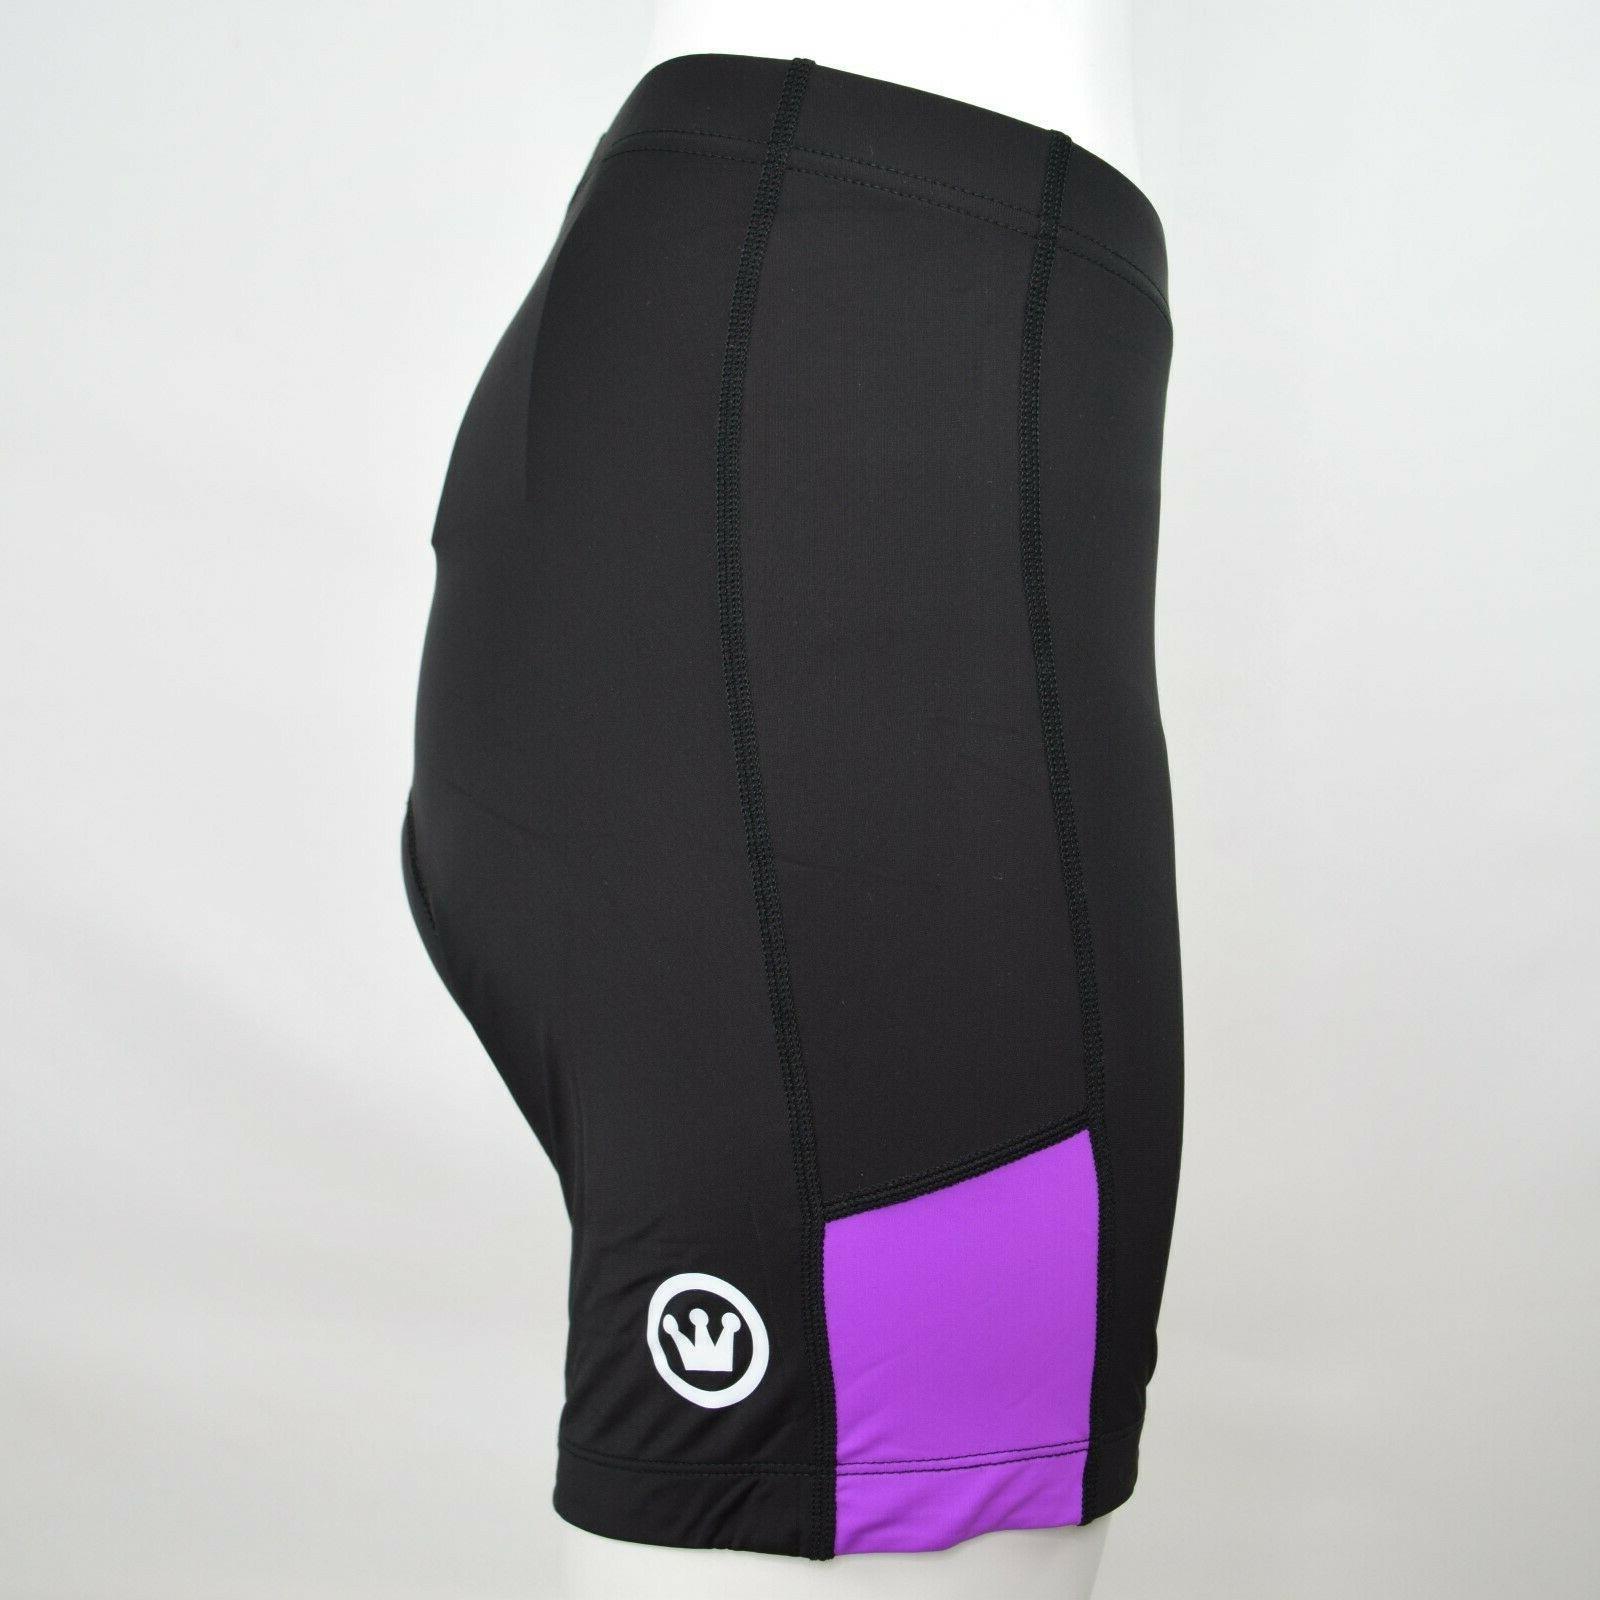 Canari Womens Shorts Cycling Bike Padded Purple Large NWT